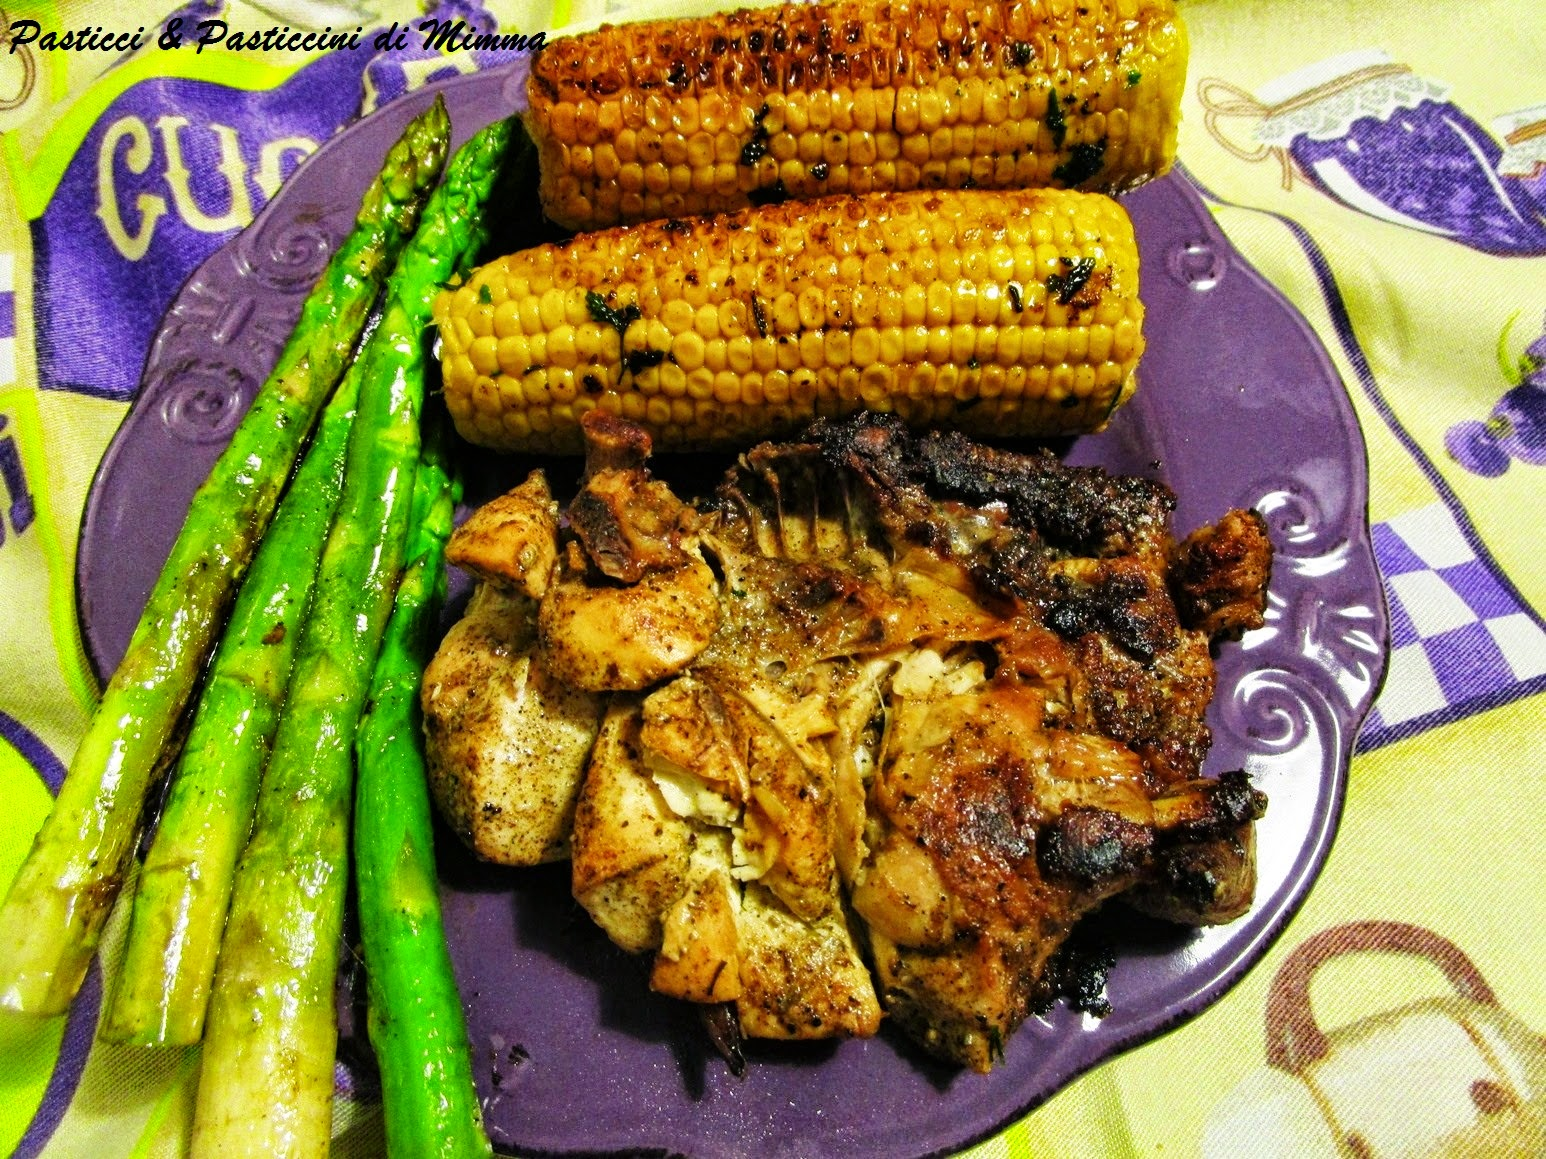 pollo alla piastra di terracotta con asparagi e pannocchie